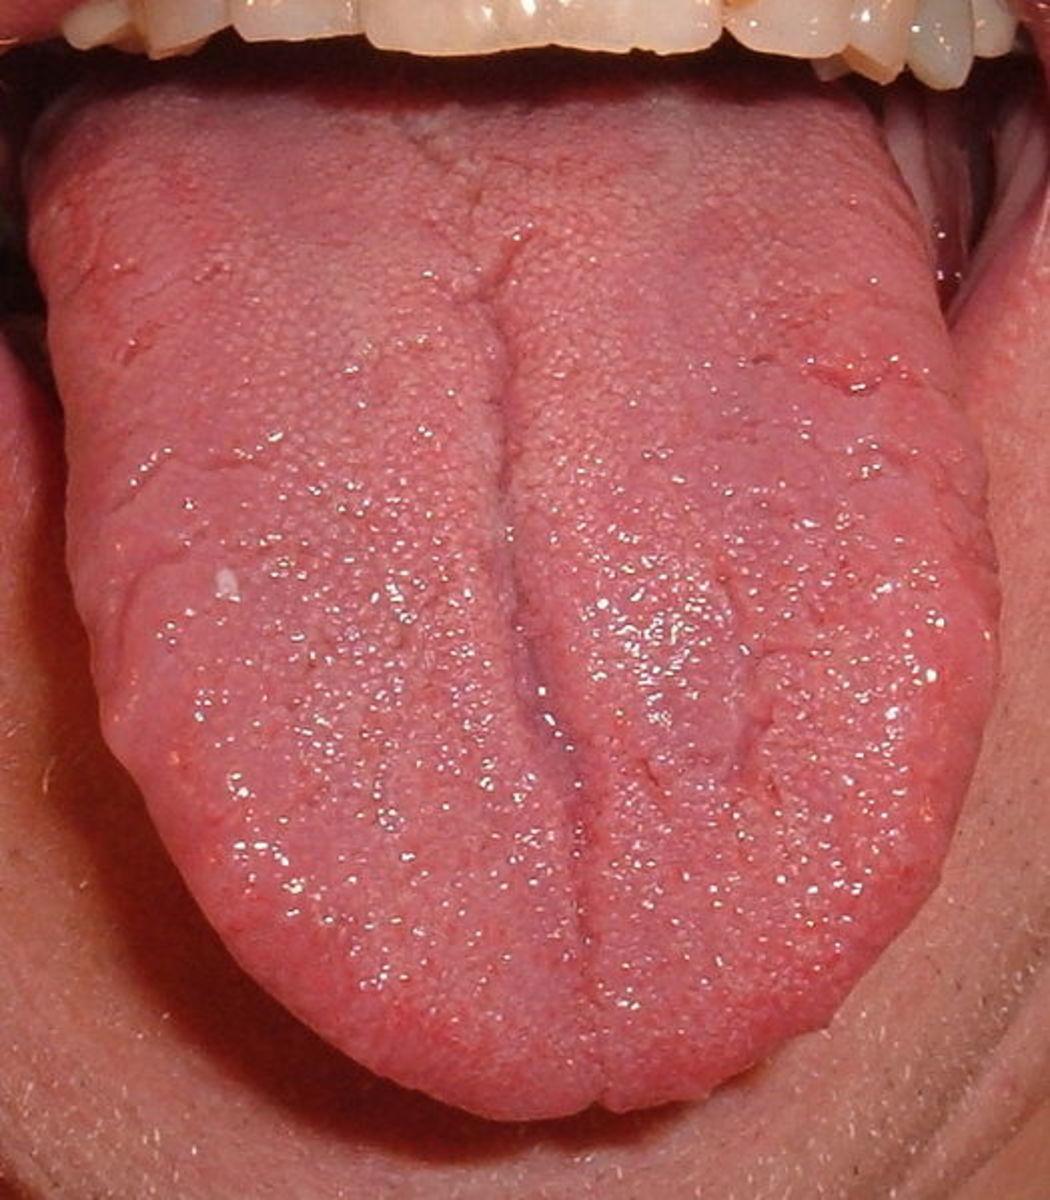 An image of a human tongue.